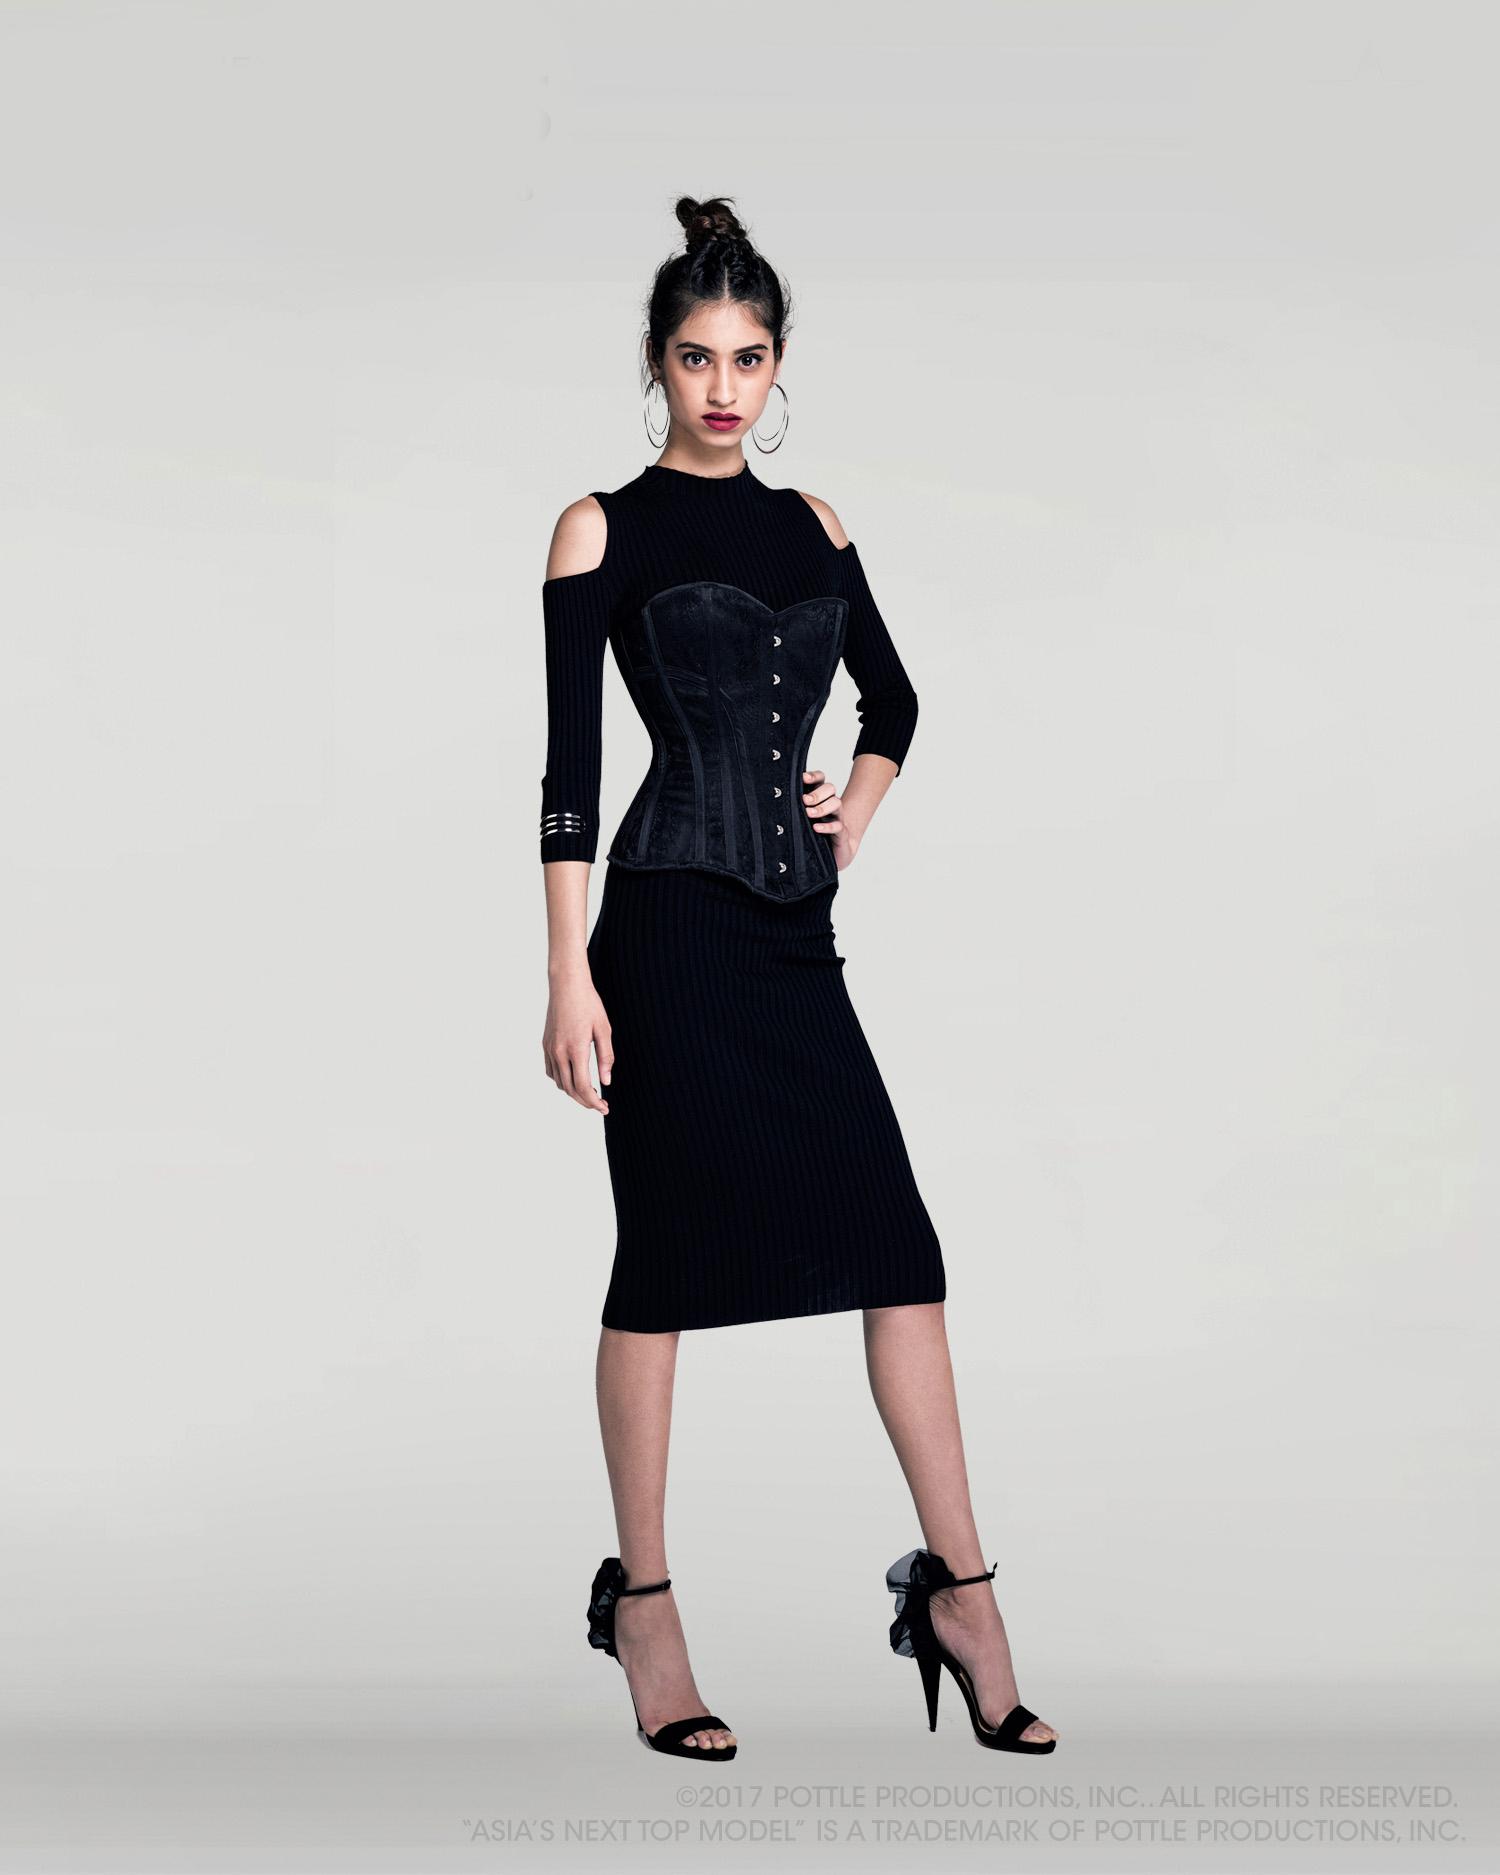 Chính thức: Minh Tú là đại diện Việt Nam tại Asias Next Top Model! - Ảnh 15.